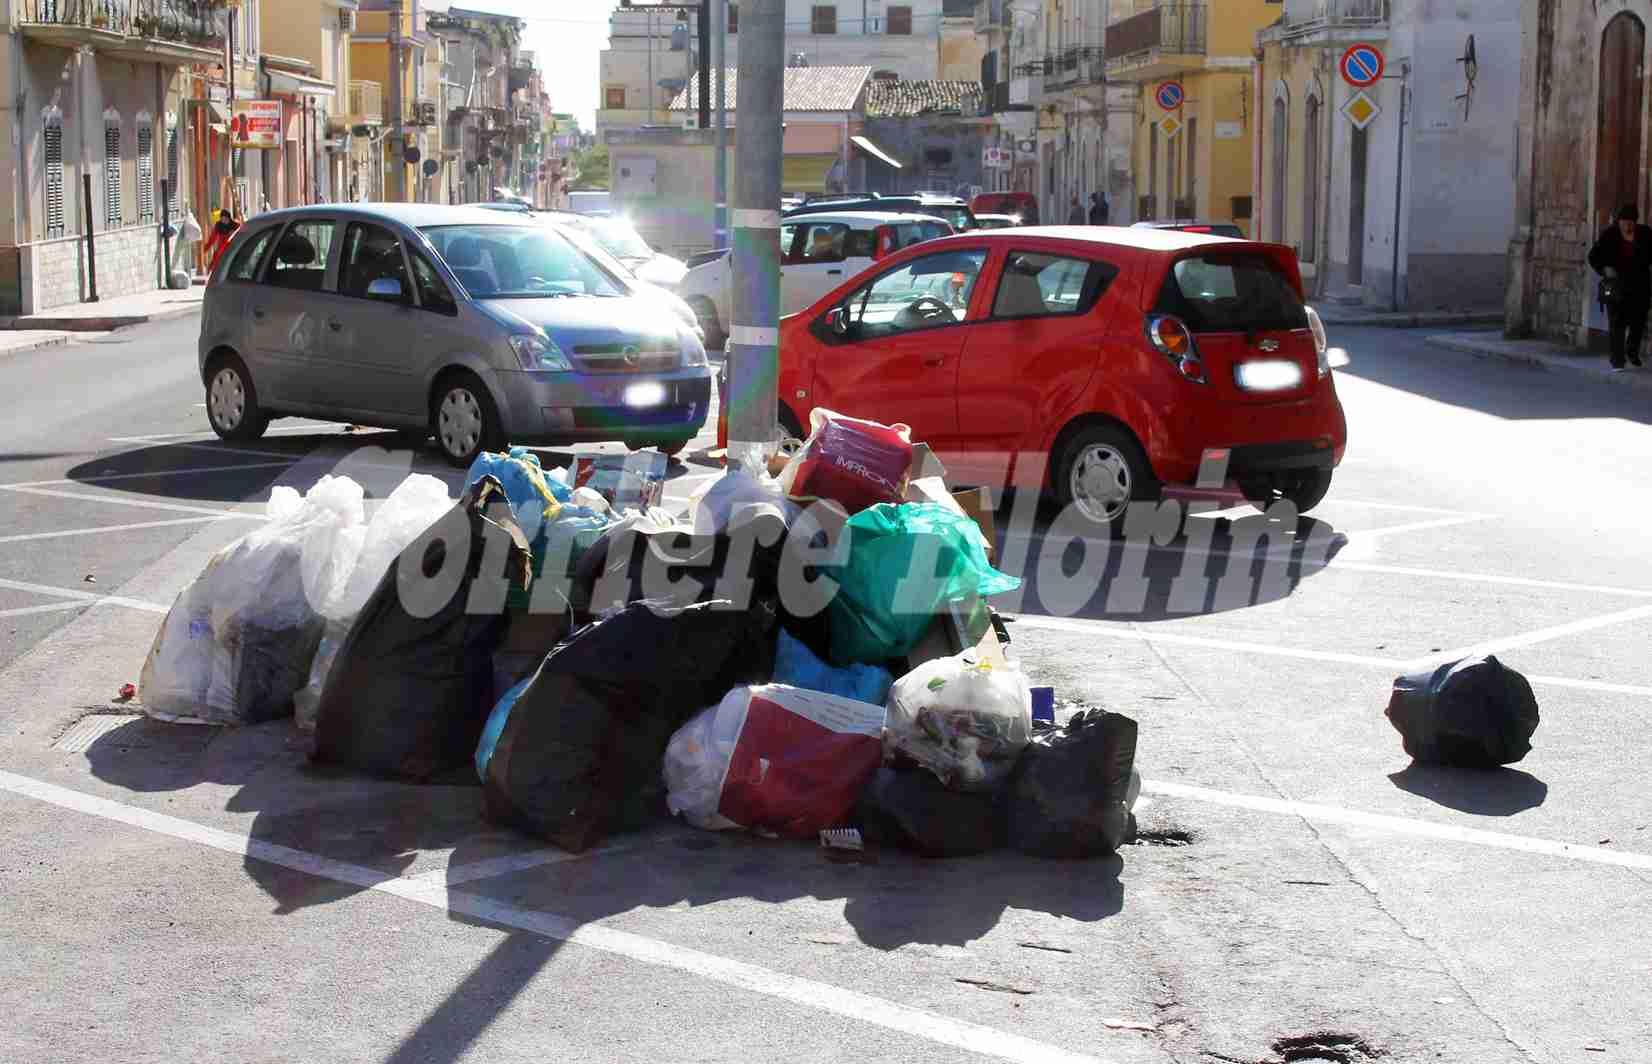 """Oggi raccolta rifiuti ferma, il sindaco si scusa con la città: """"In 4 mesi abbiamo pagato oltre 600 mila euro"""""""